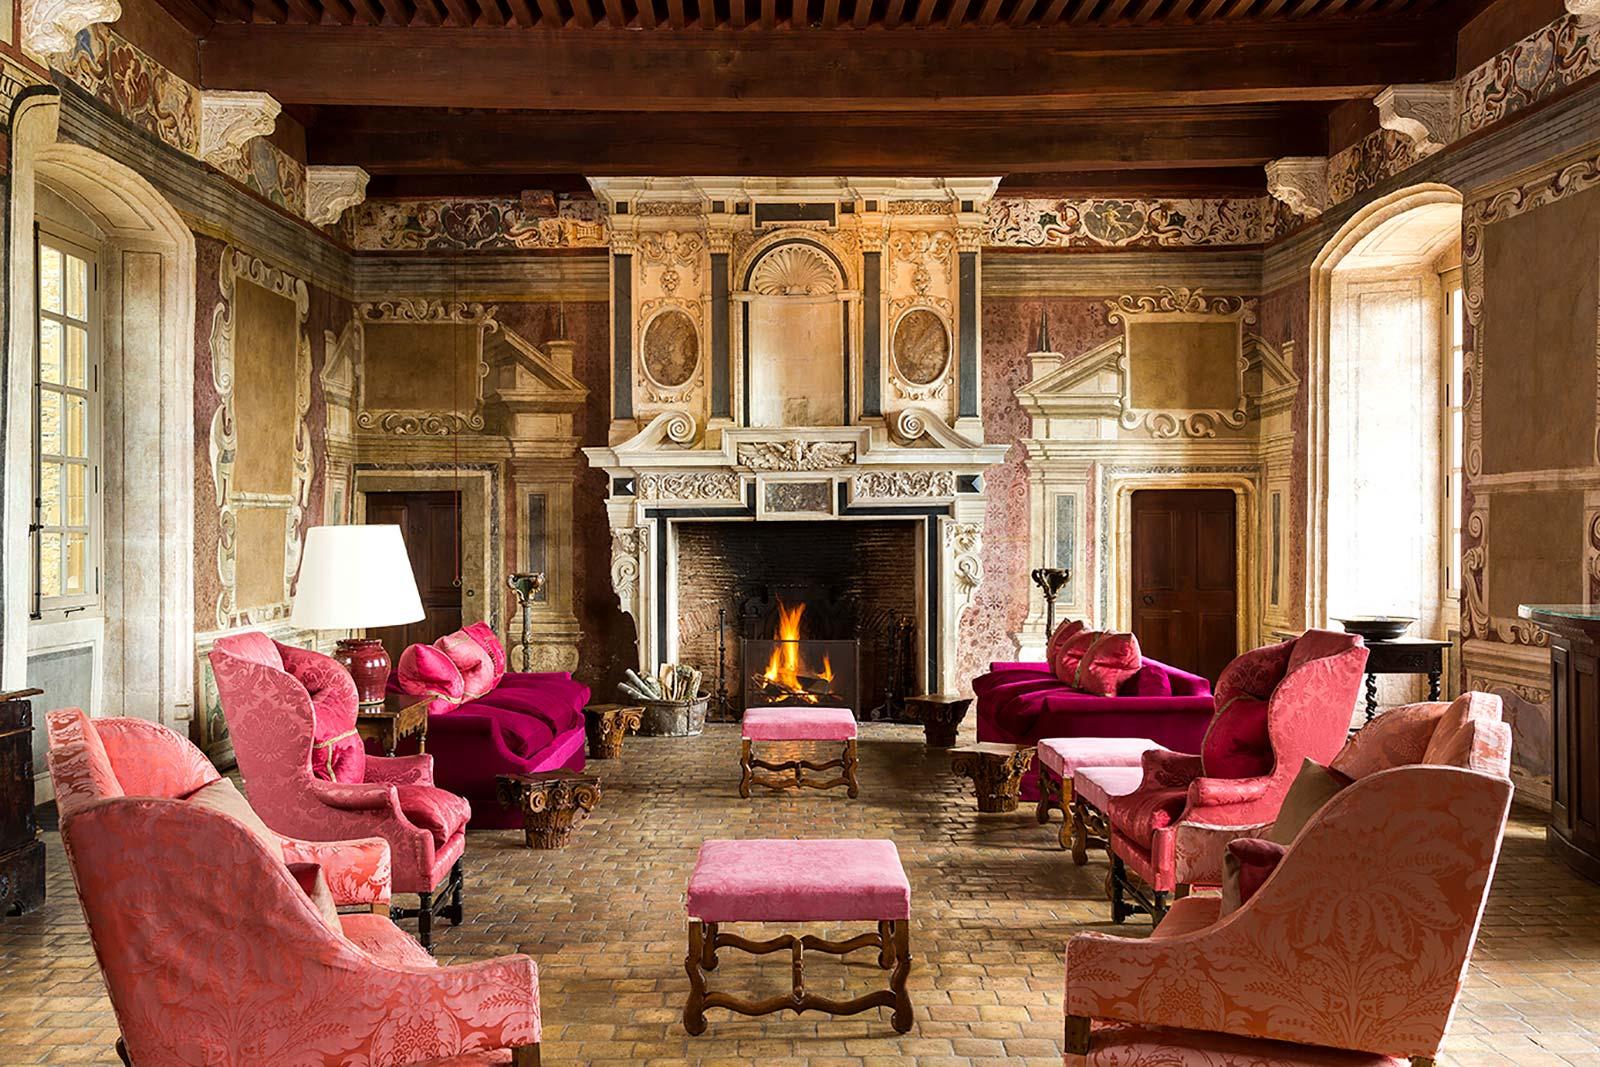 Beaujolais Nouveau: Cheteau de Bagnols Grand Salon